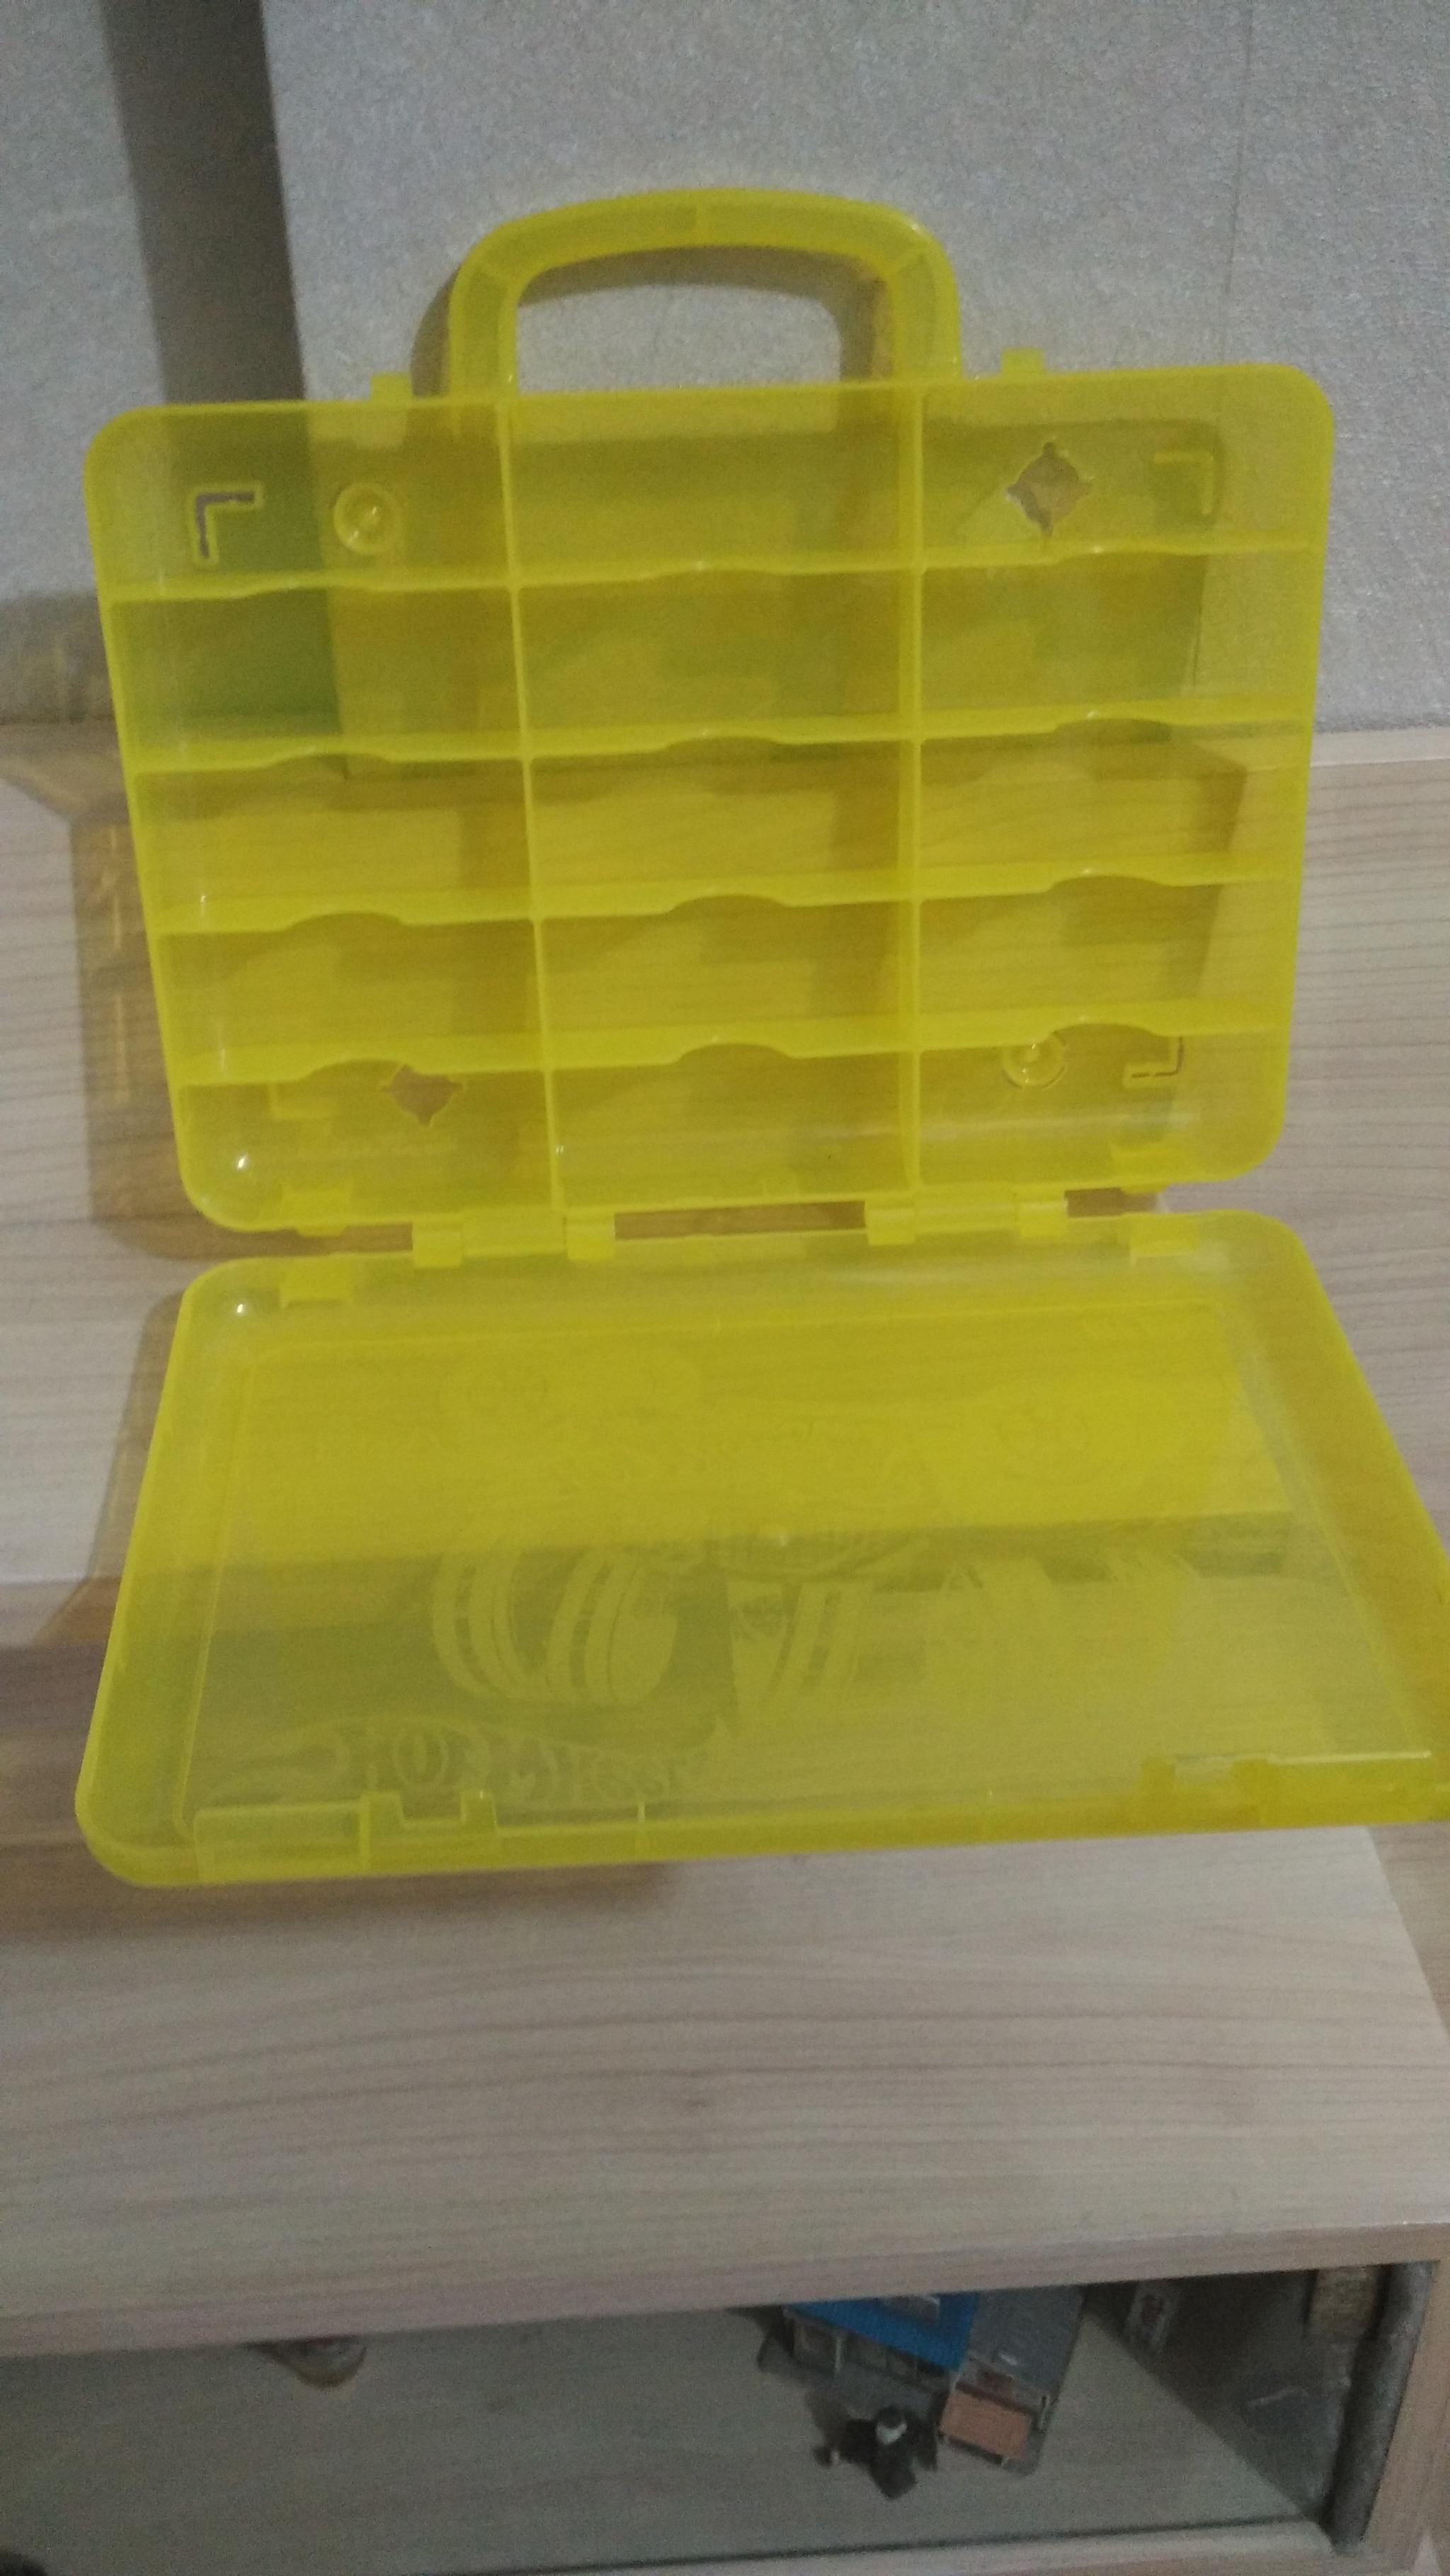 HEMAT Mainan Diecast Cars Kotak koper HotWheels twin pack carry case 8318a0a9f1